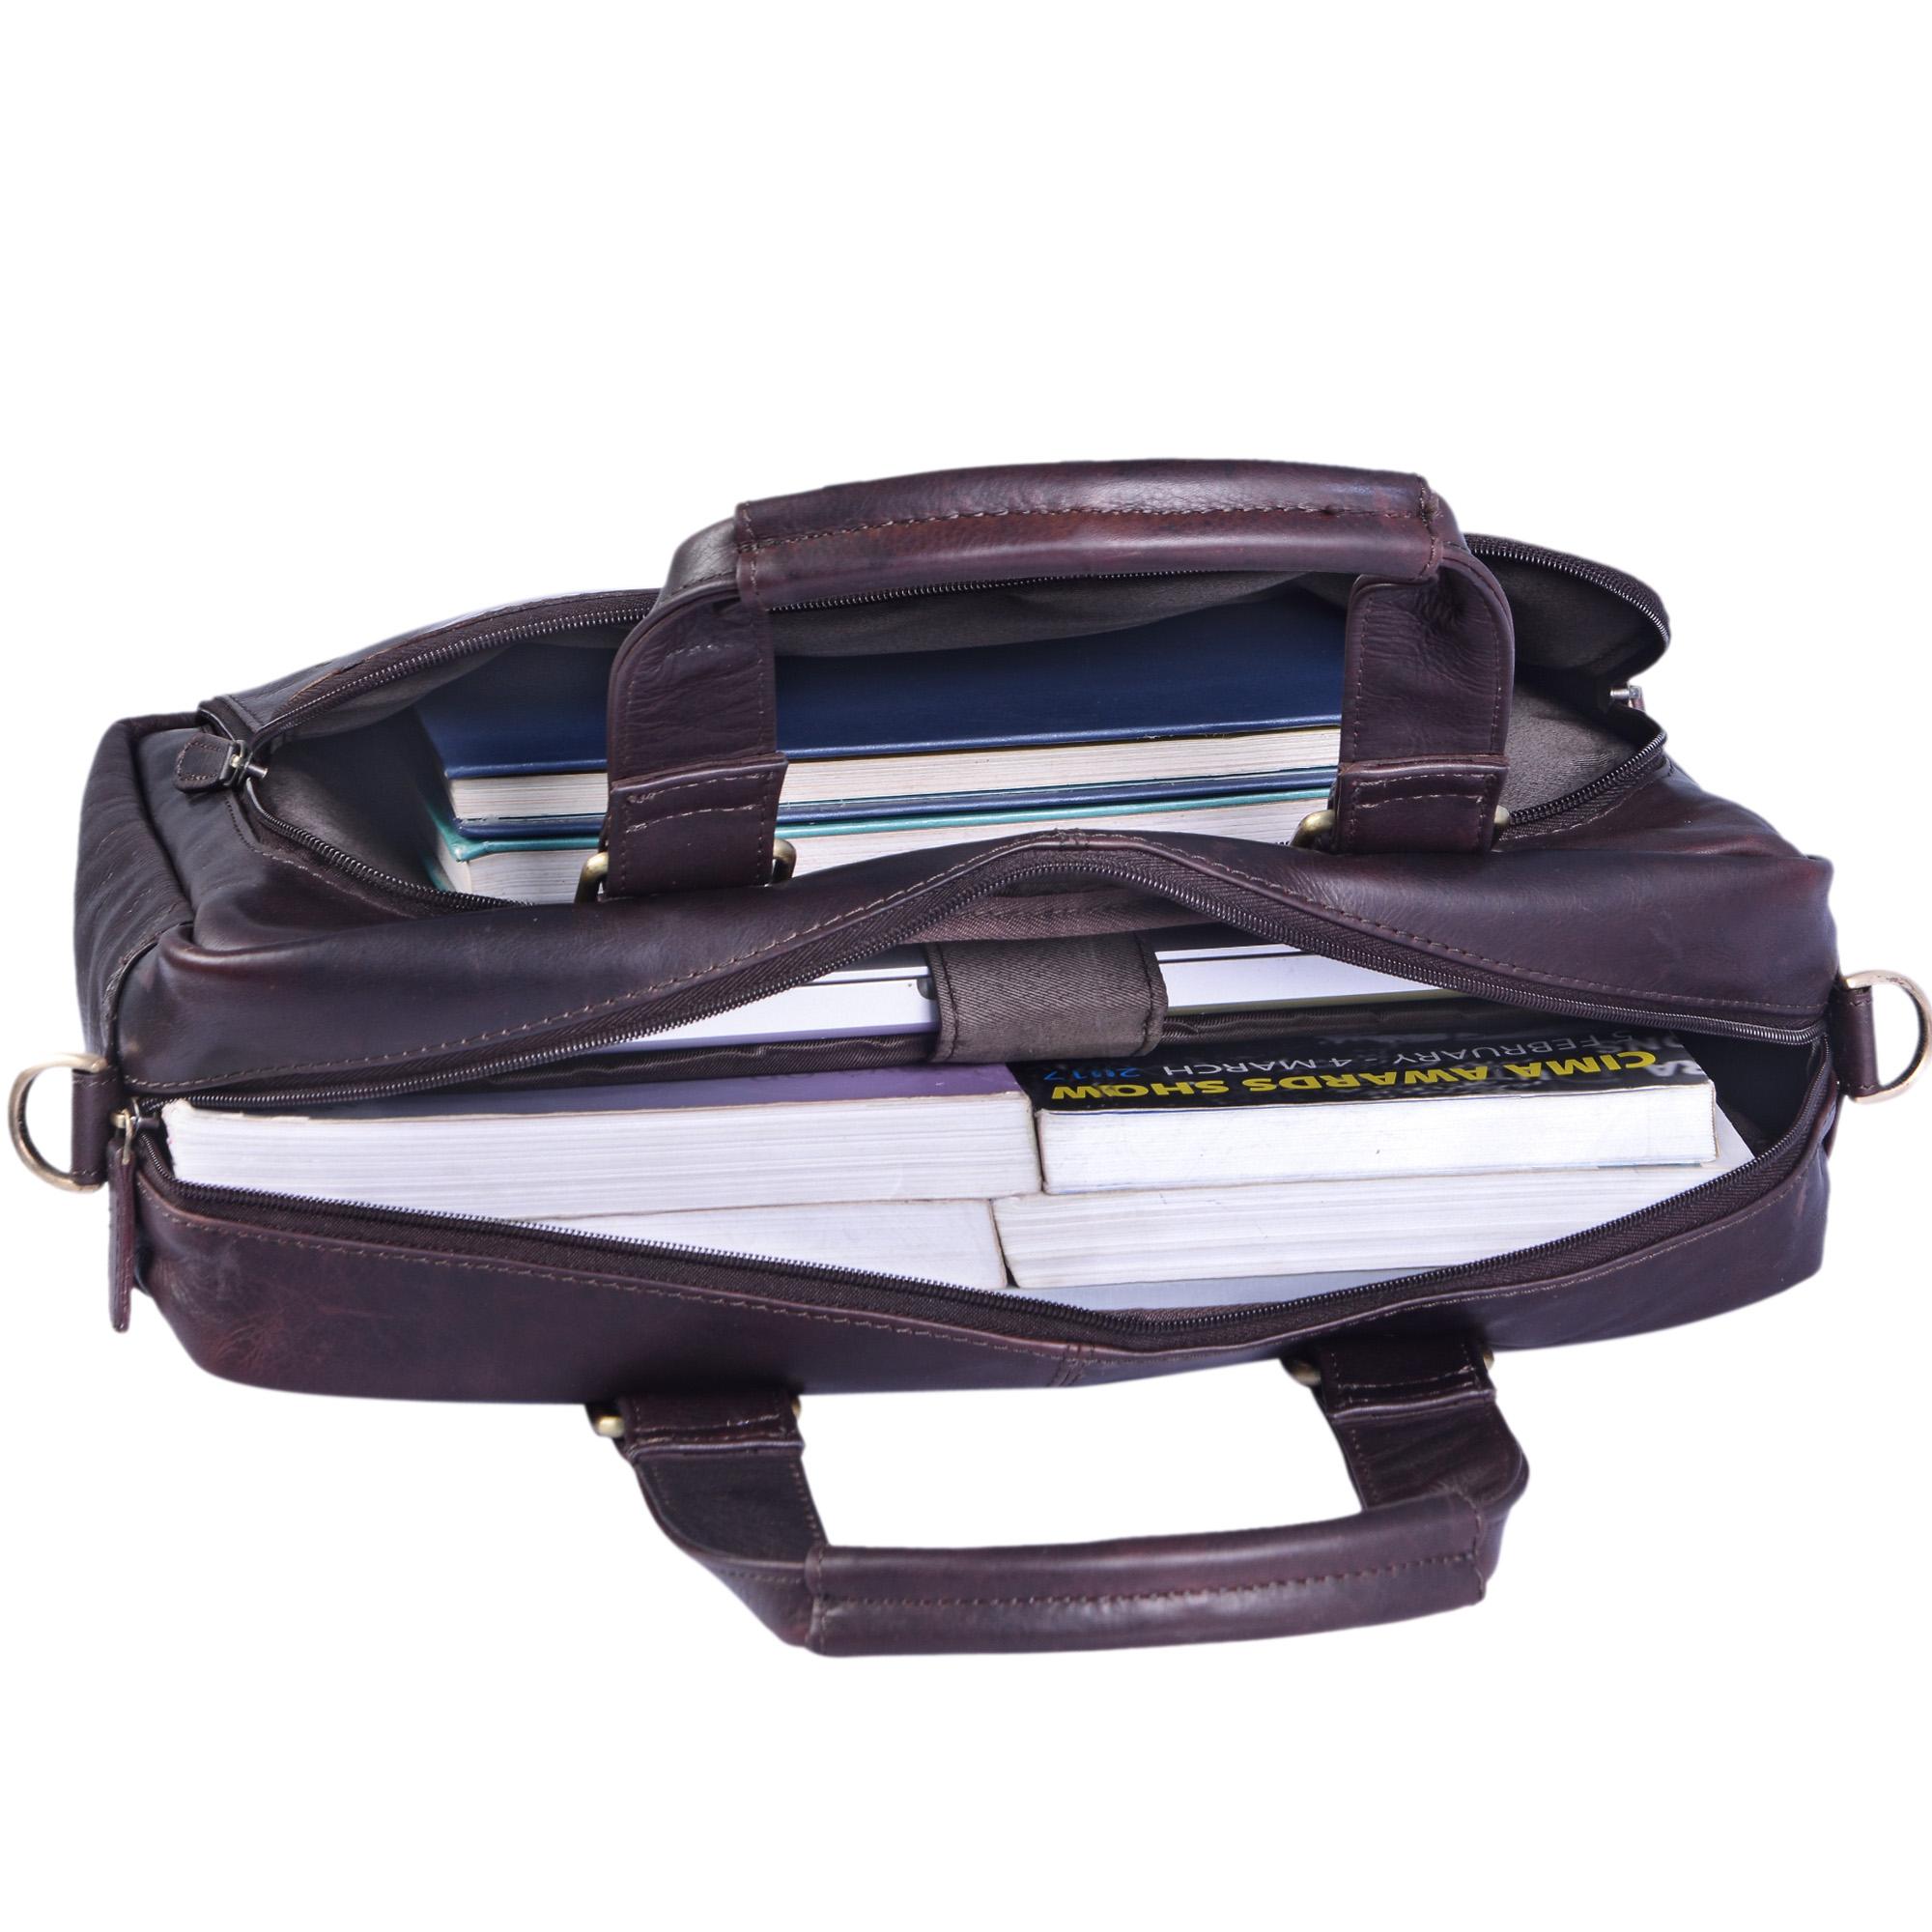 """STILORD """"Jon"""" Vintage Leder Umhängetasche Herren Damen Laptoptasche 15.6 Zoll für große DIN A4 Aktenordner Business Büro Arbeit Uni echtes Büffelleder - Bild 6"""